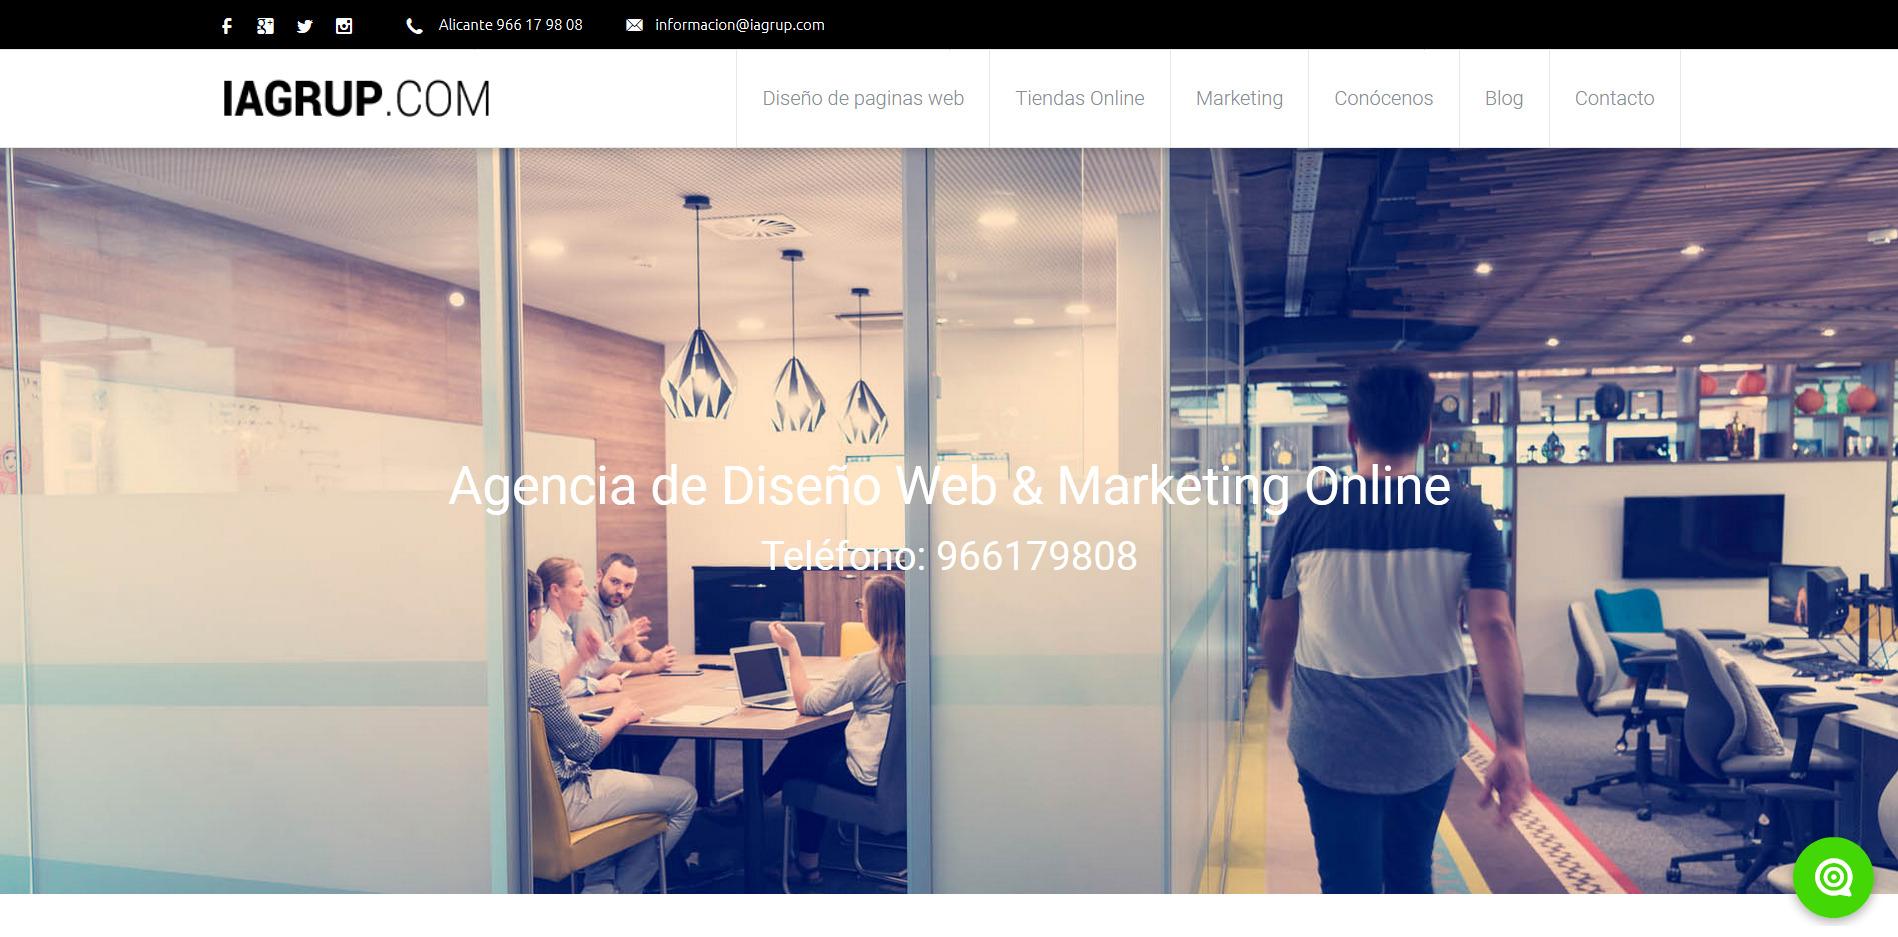 Diseño web Alicante, diseño de tiendas online Alicante. Especialistas en diseño de páginas web Alicante. ✉ informacion@iagrup.com ☎ 966 17 98 08.